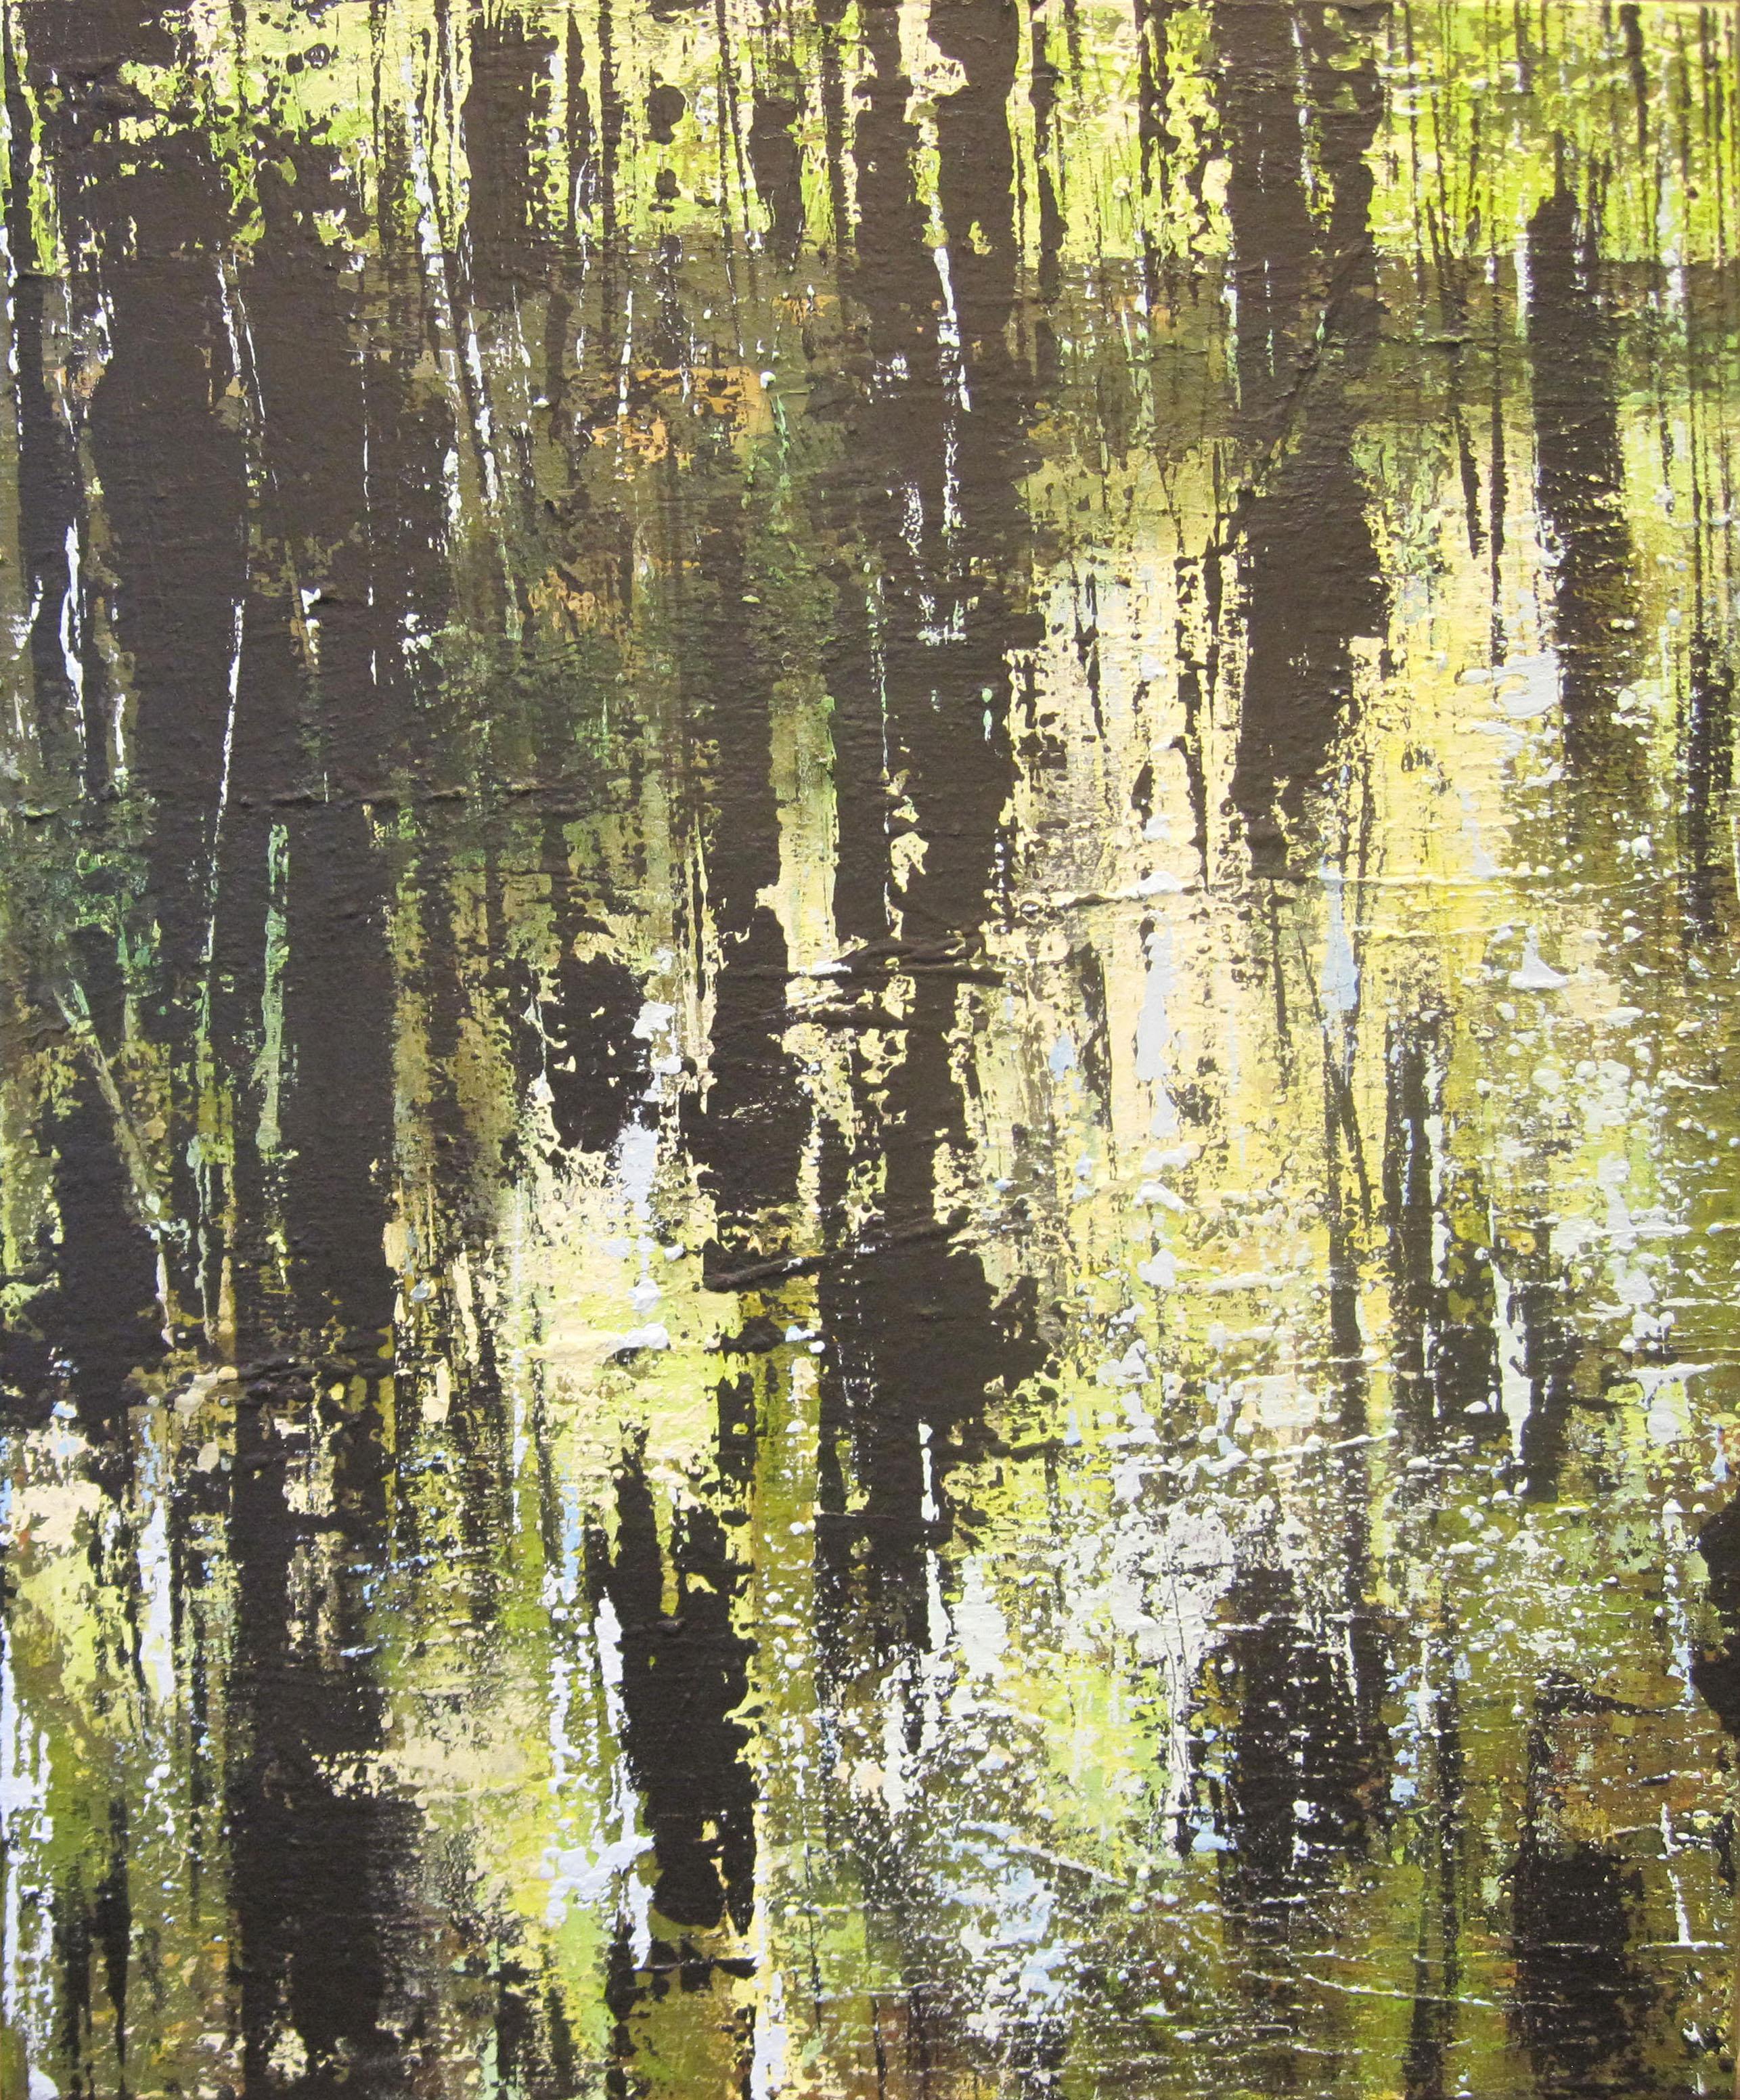 Regen van gisteren II - 95x75 cm - 2012 - acryl op linnen opgespannen